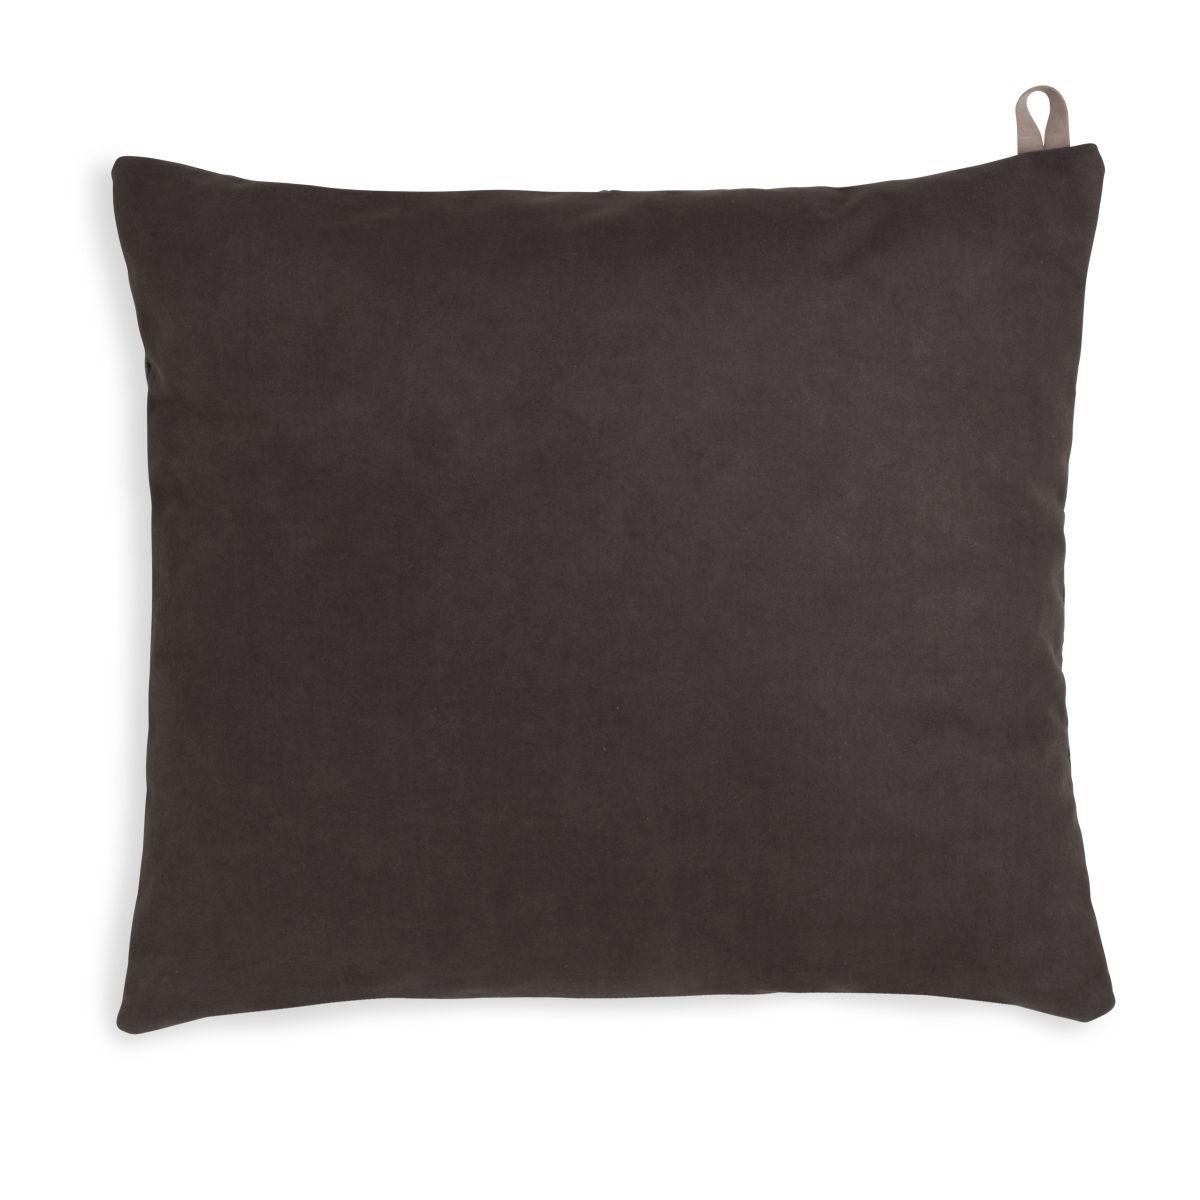 beau cushion anthracite 50x50